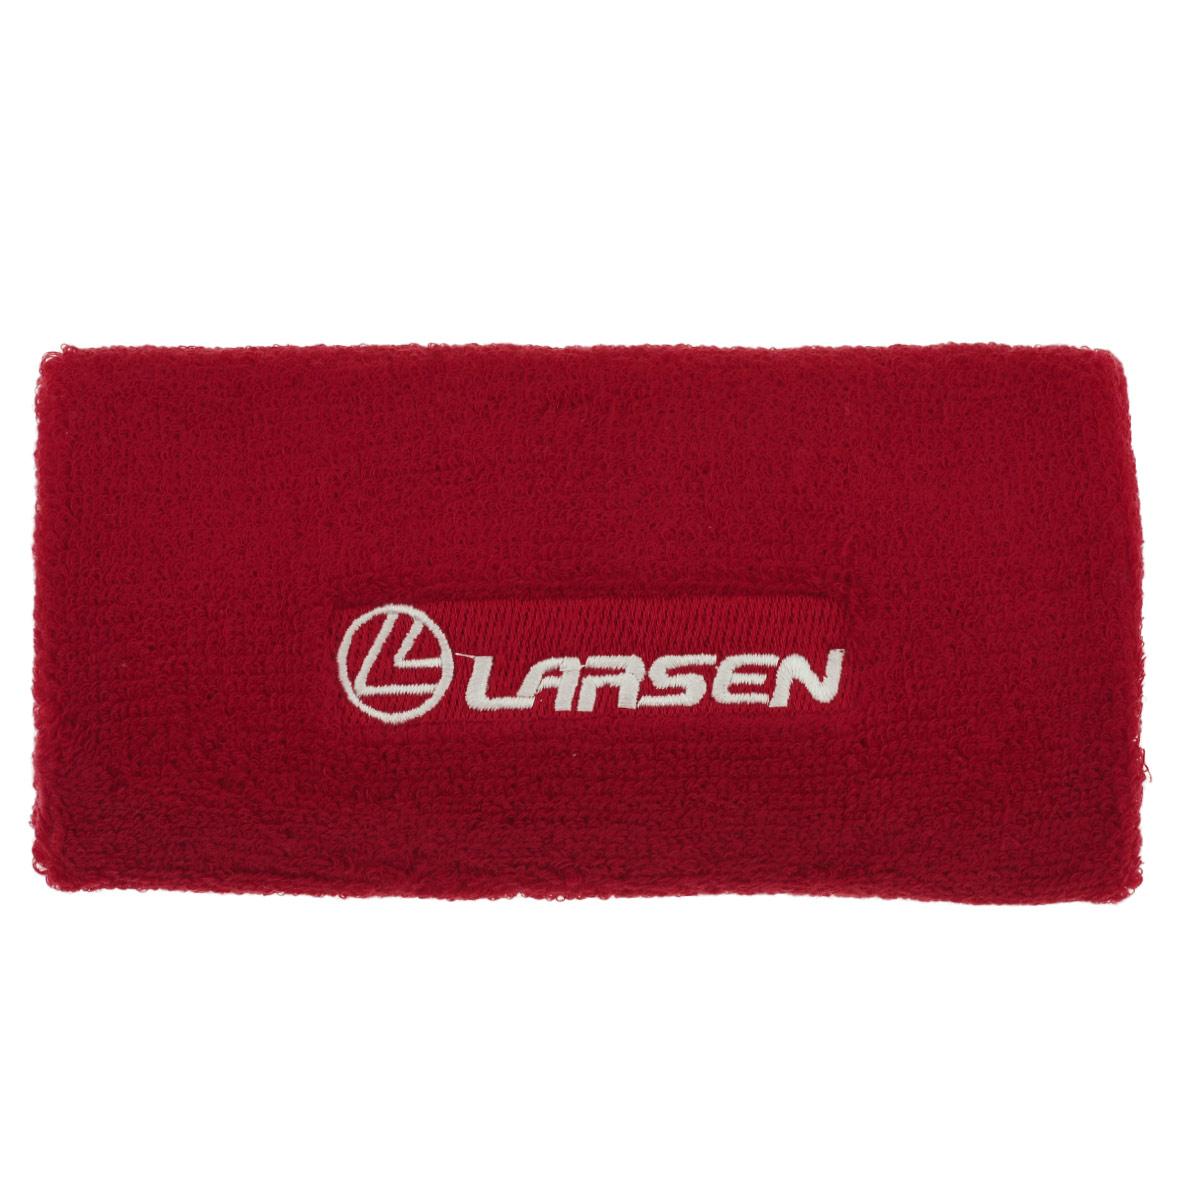 Напульсник широкий Larsen, цвет: красный